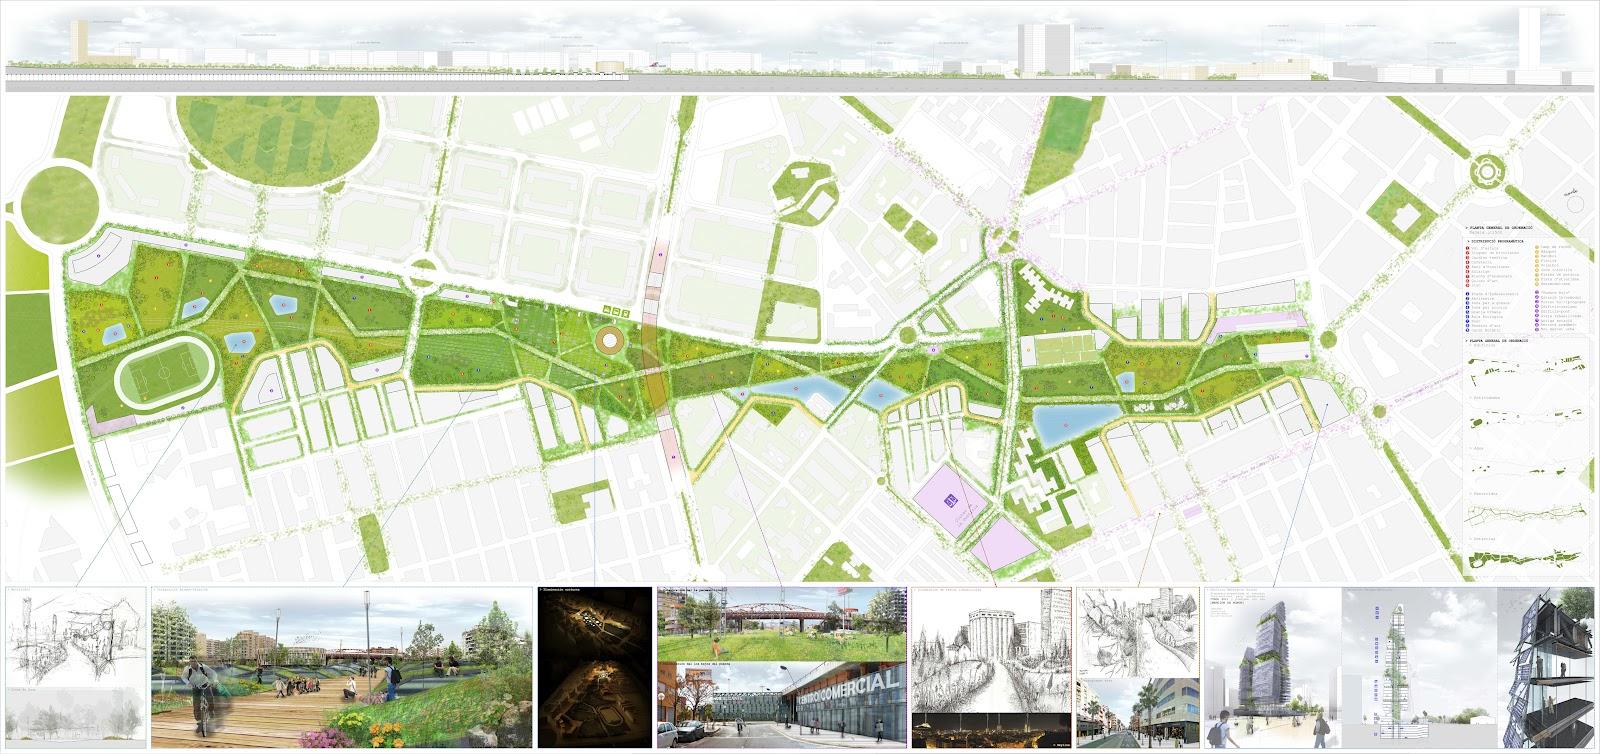 Bandada studio ordenaci n urbana y parque central de - Alicante urbanismo ...